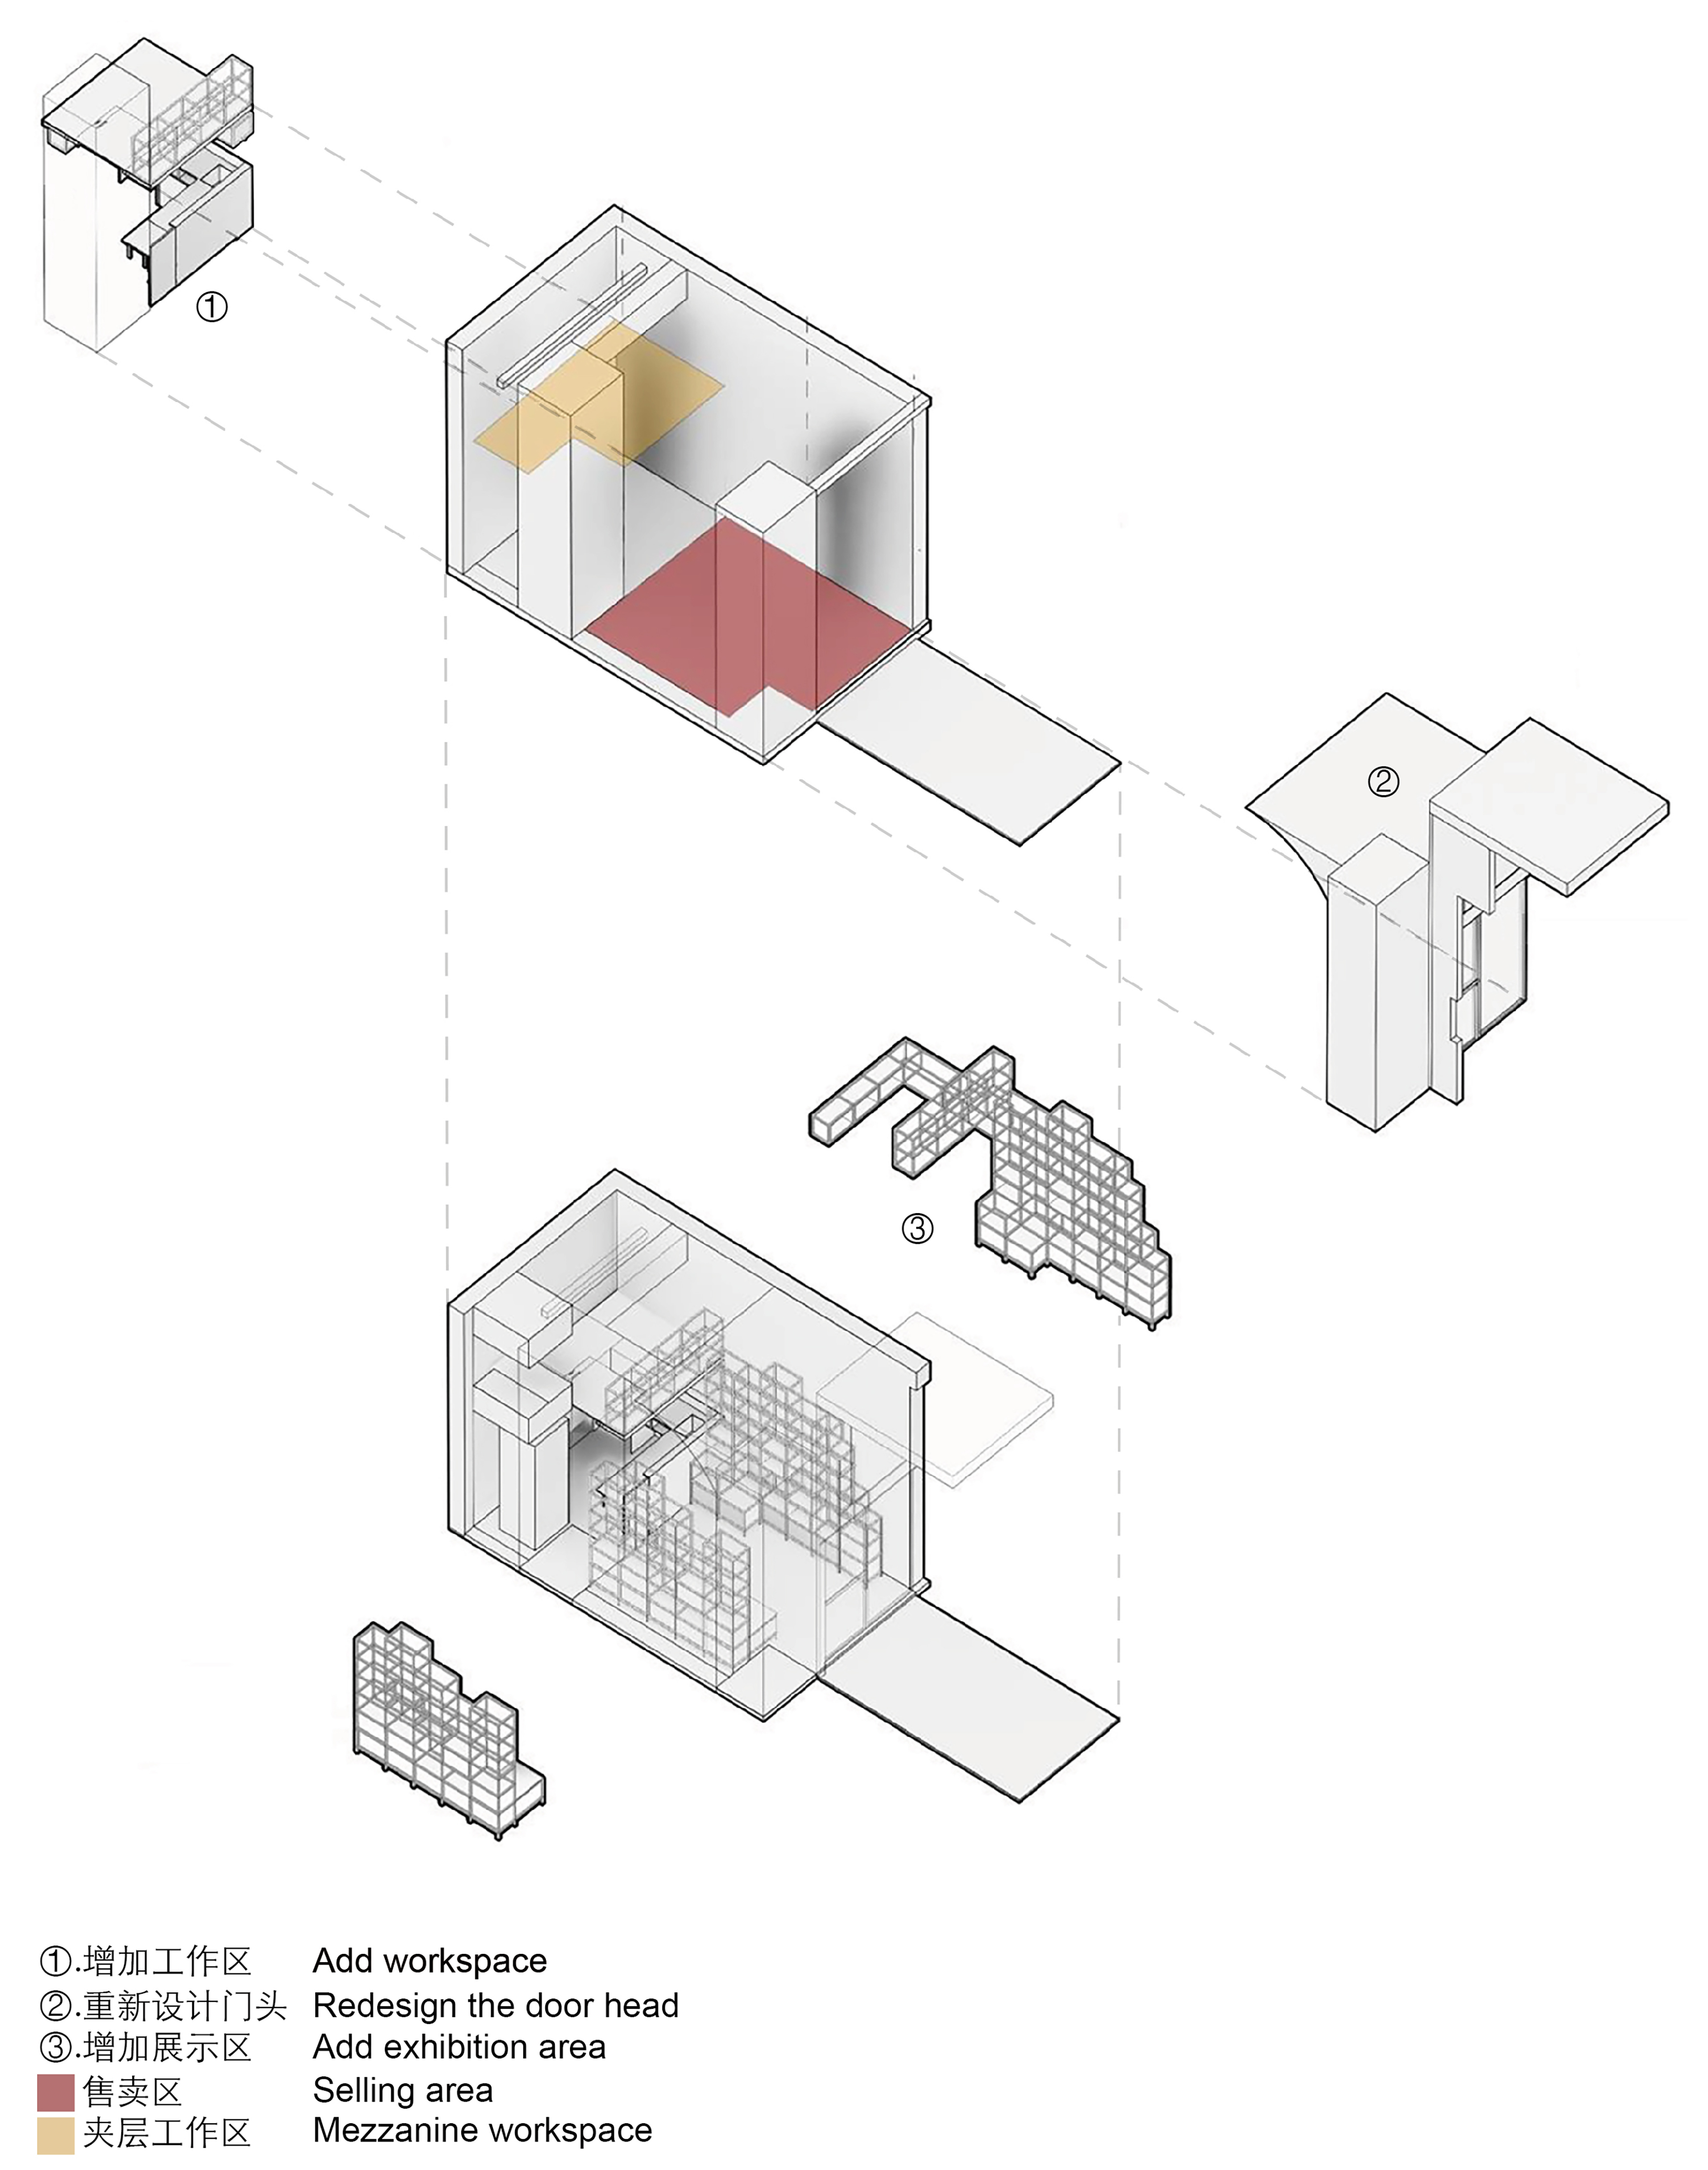 07 集屿功能轴侧分解图,一乘建筑.jpg